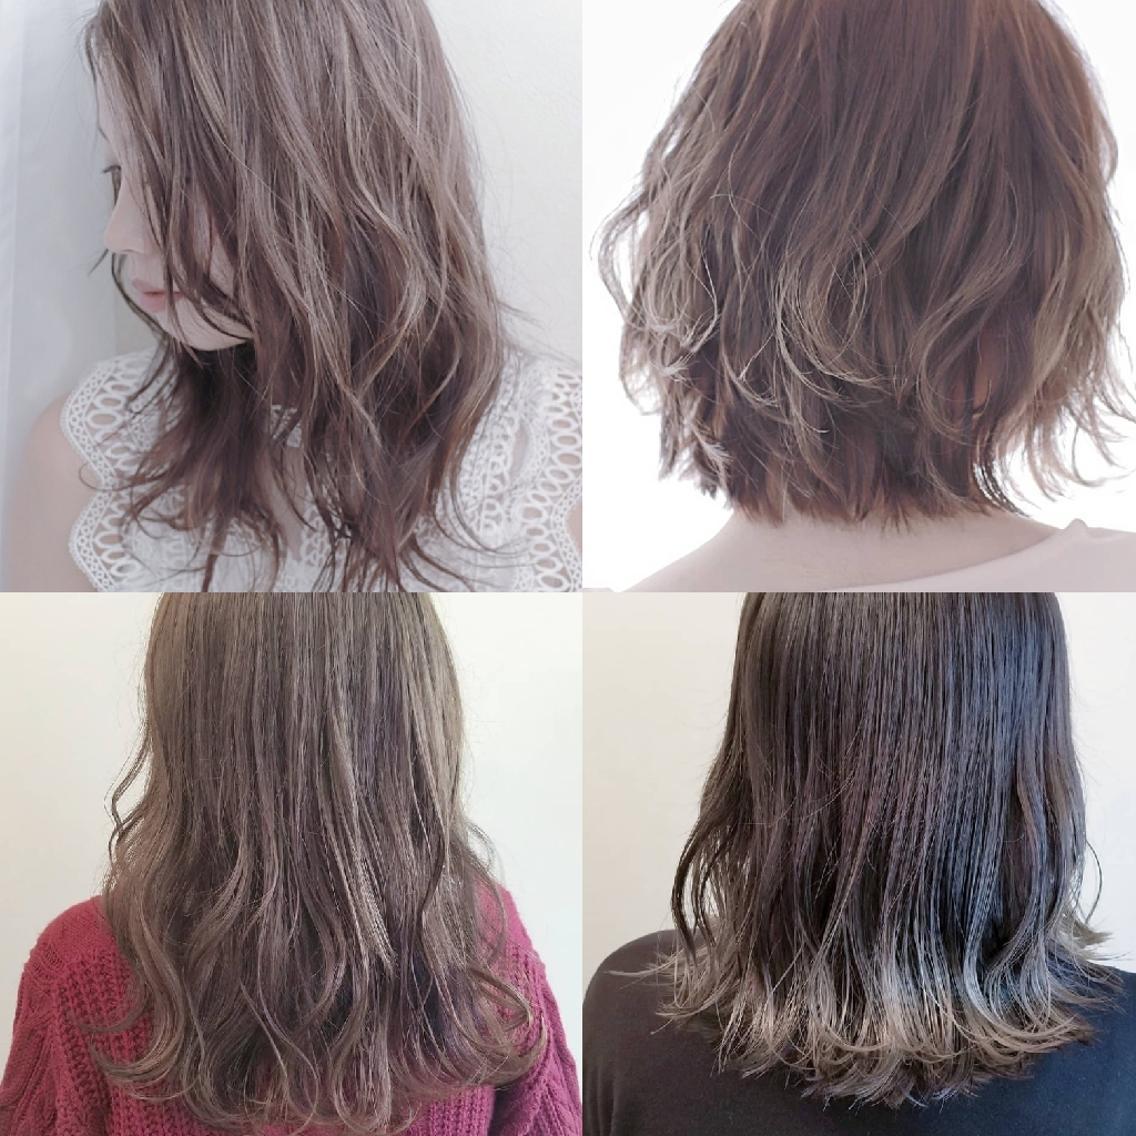 透明感カラーとふんわりパーマはおまかせ☆ 今のトレンドとお客様のなりたいをミックスさせたヘアスタイルを一緒に探しましょう☆